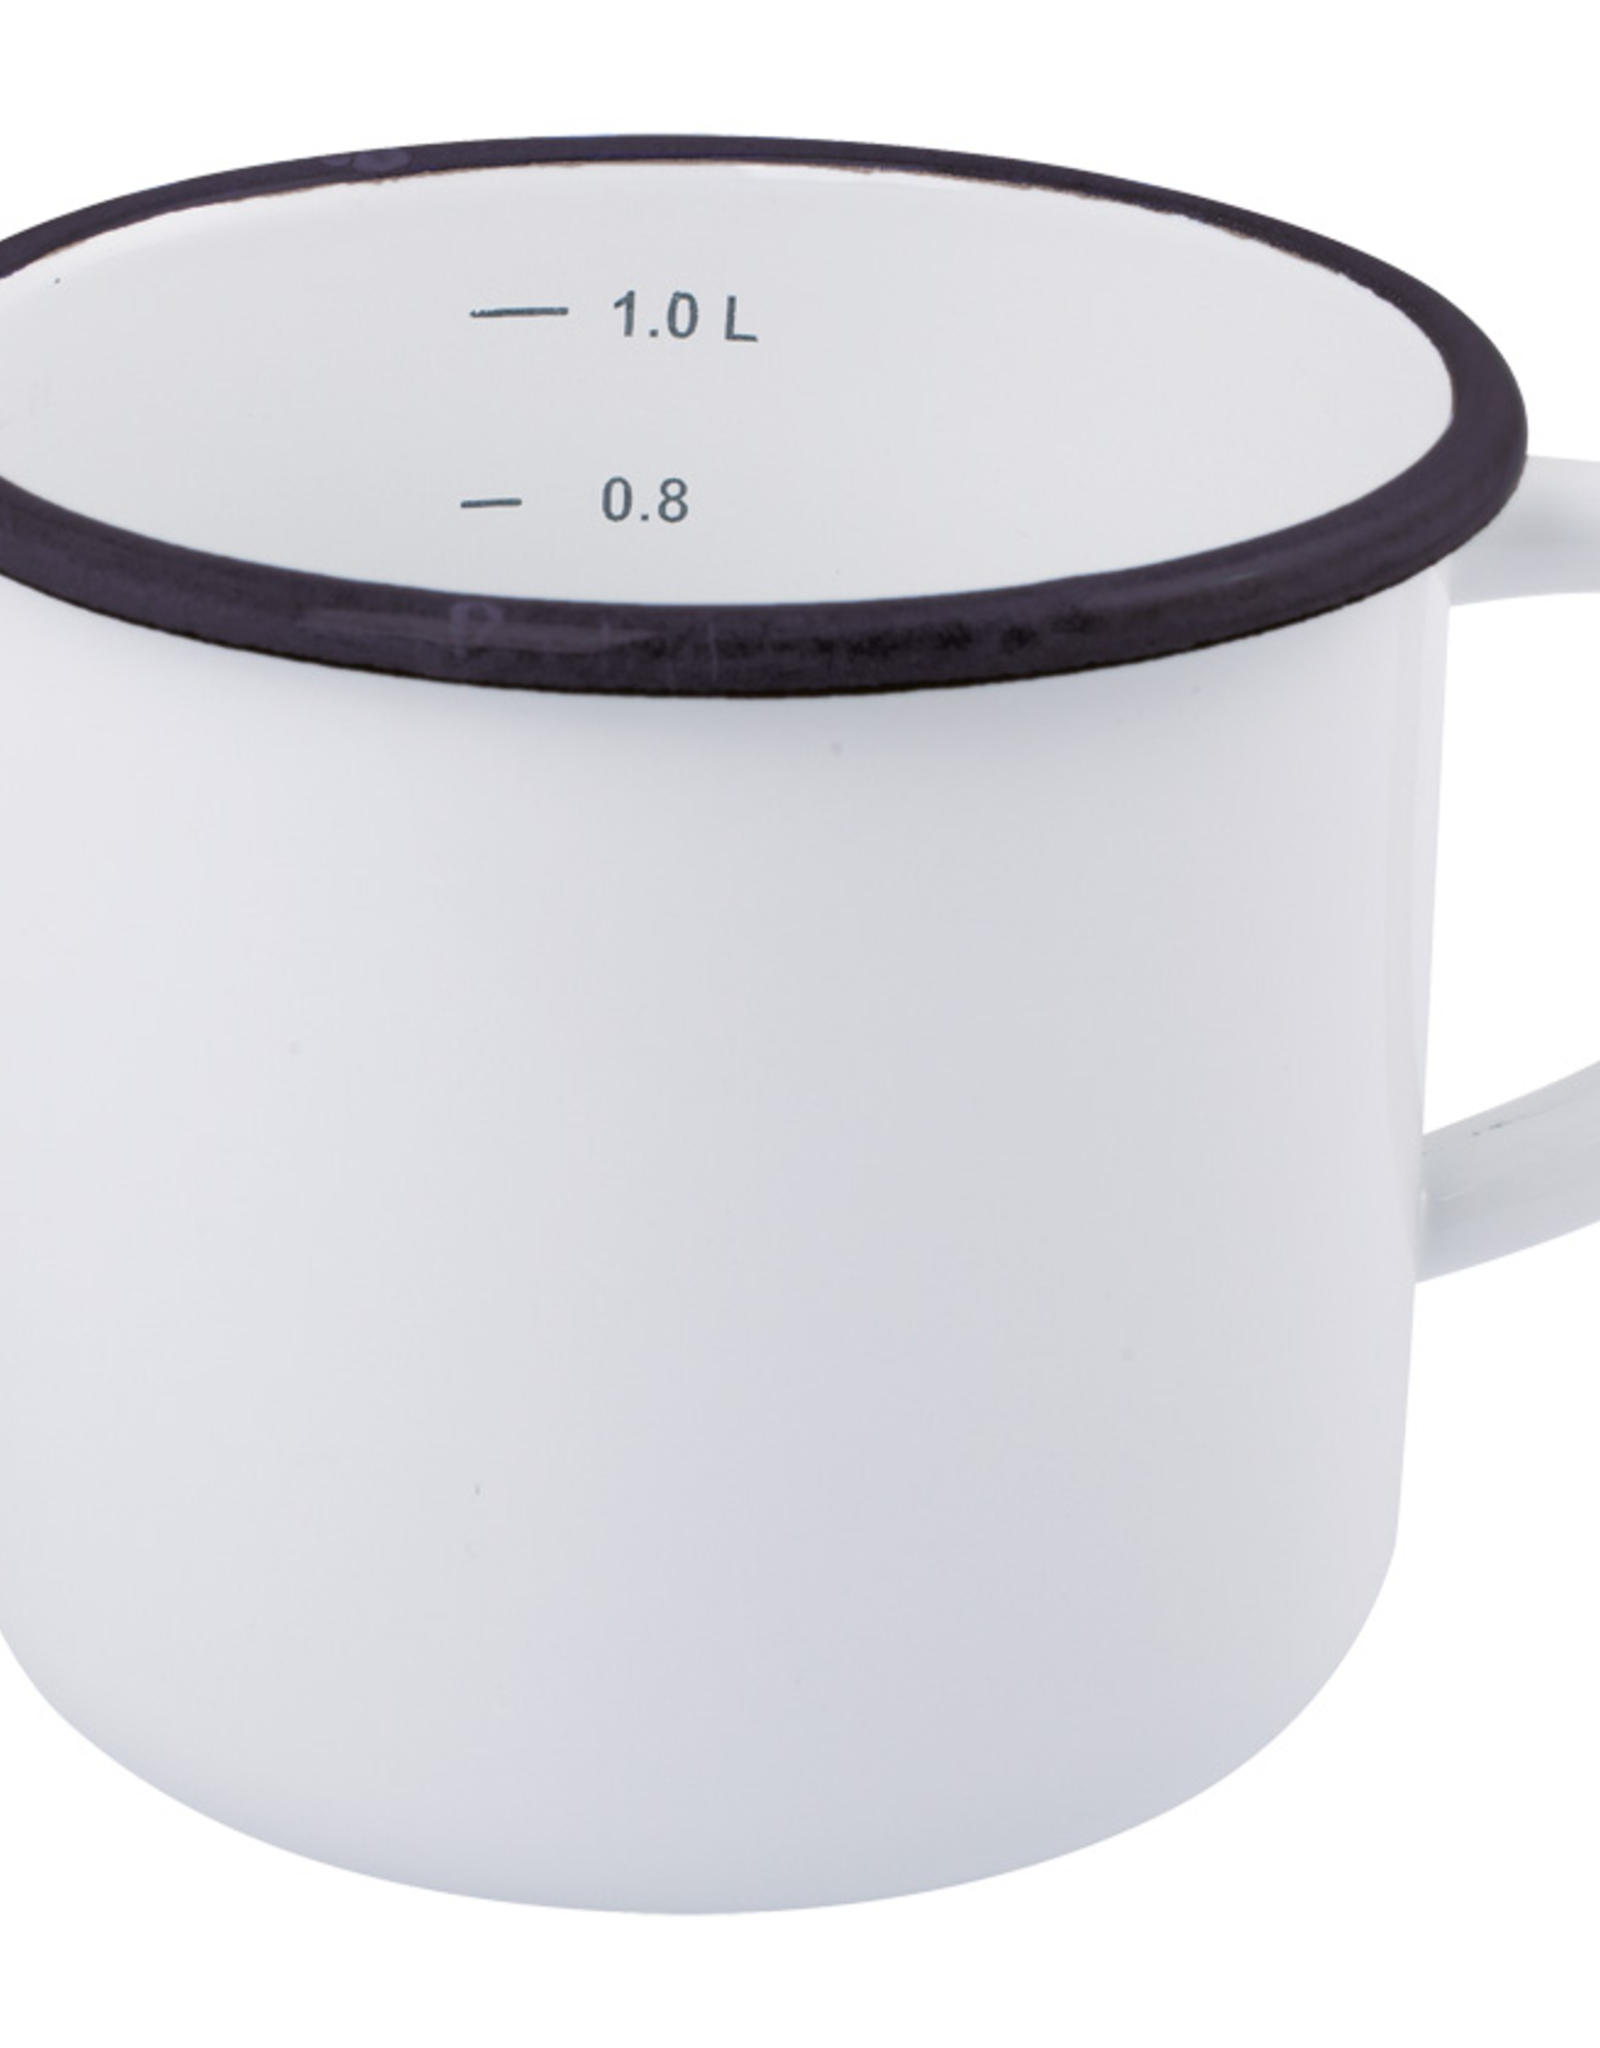 Redecker Redecker Enamel Measuring Cup